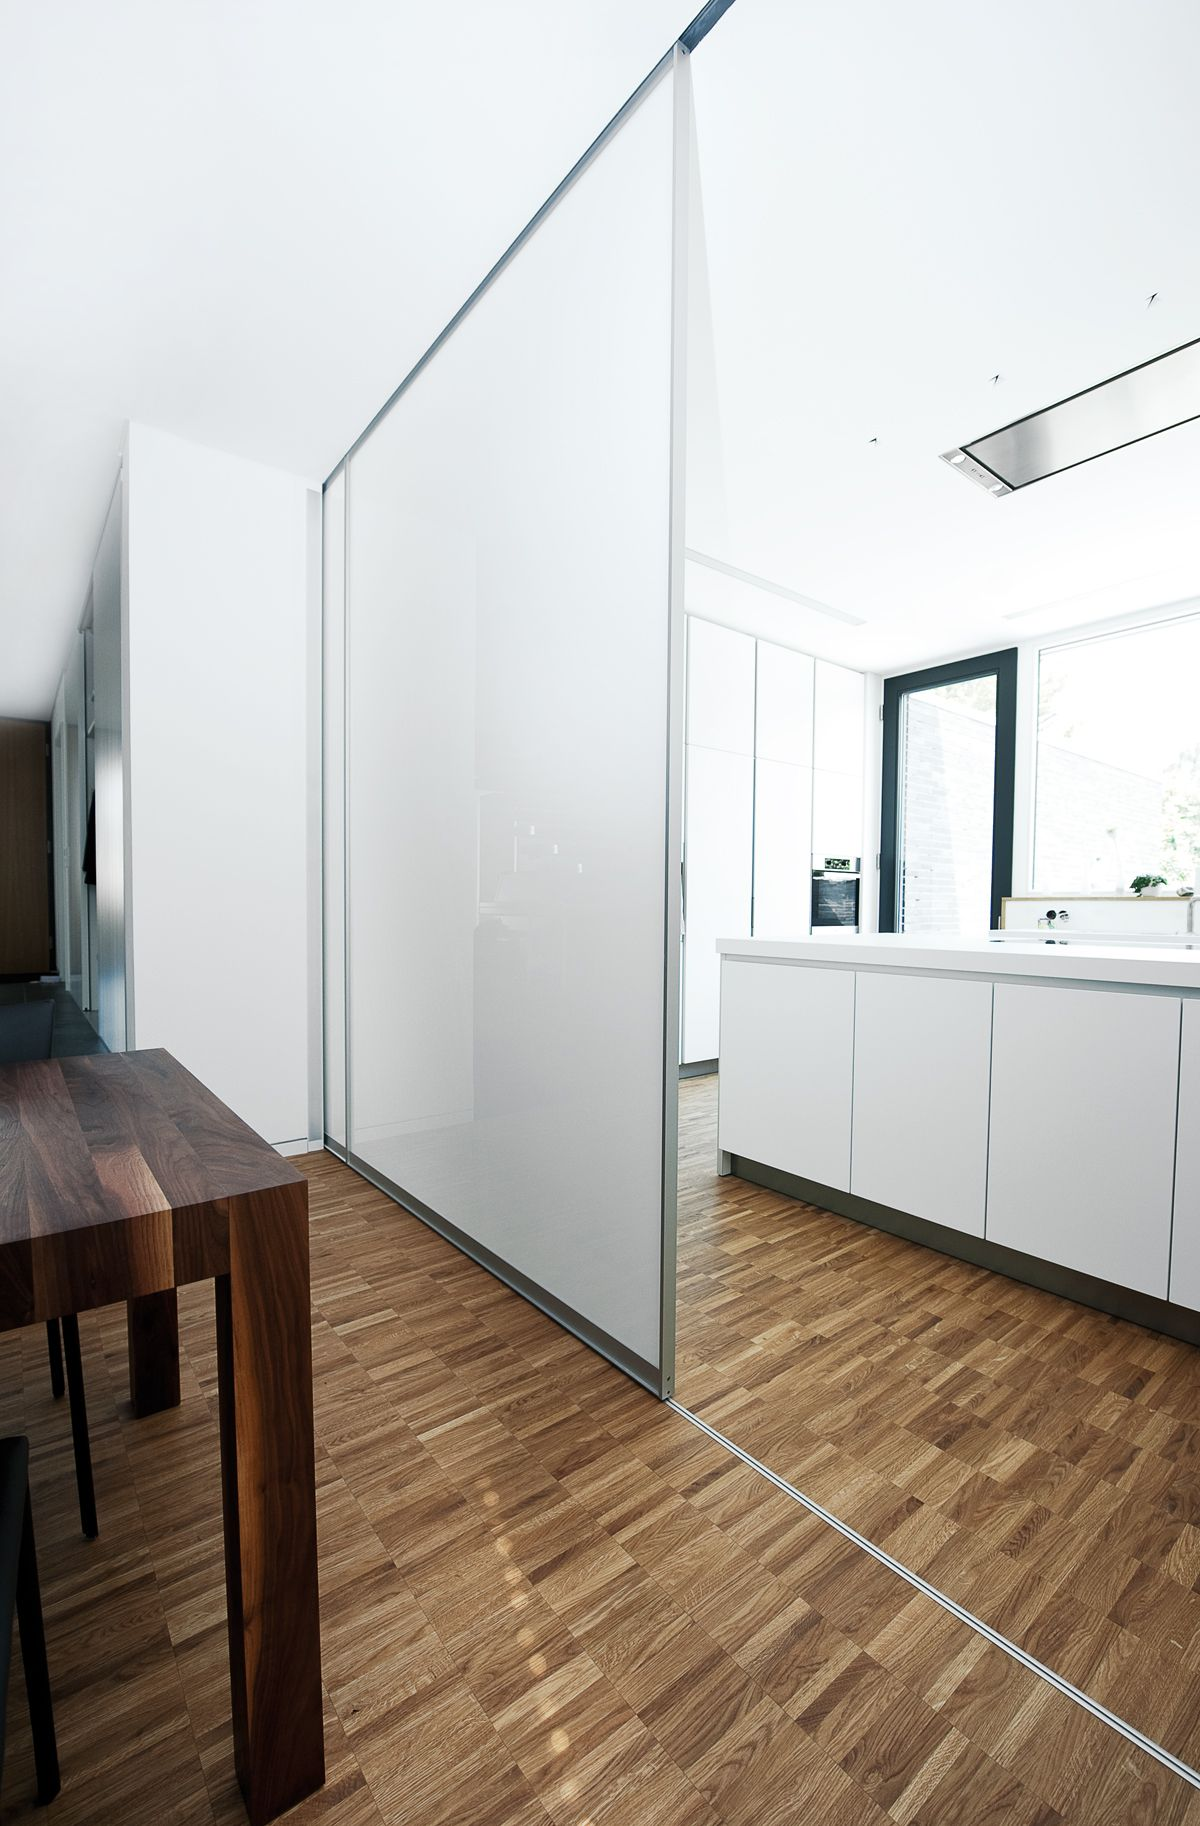 Einen Raumteiler Bzw. Eine Schiebetür Für Ihren Küchenbereich Bzw.  Wohnbereich Selbst Gestalten? Selbstverständlich